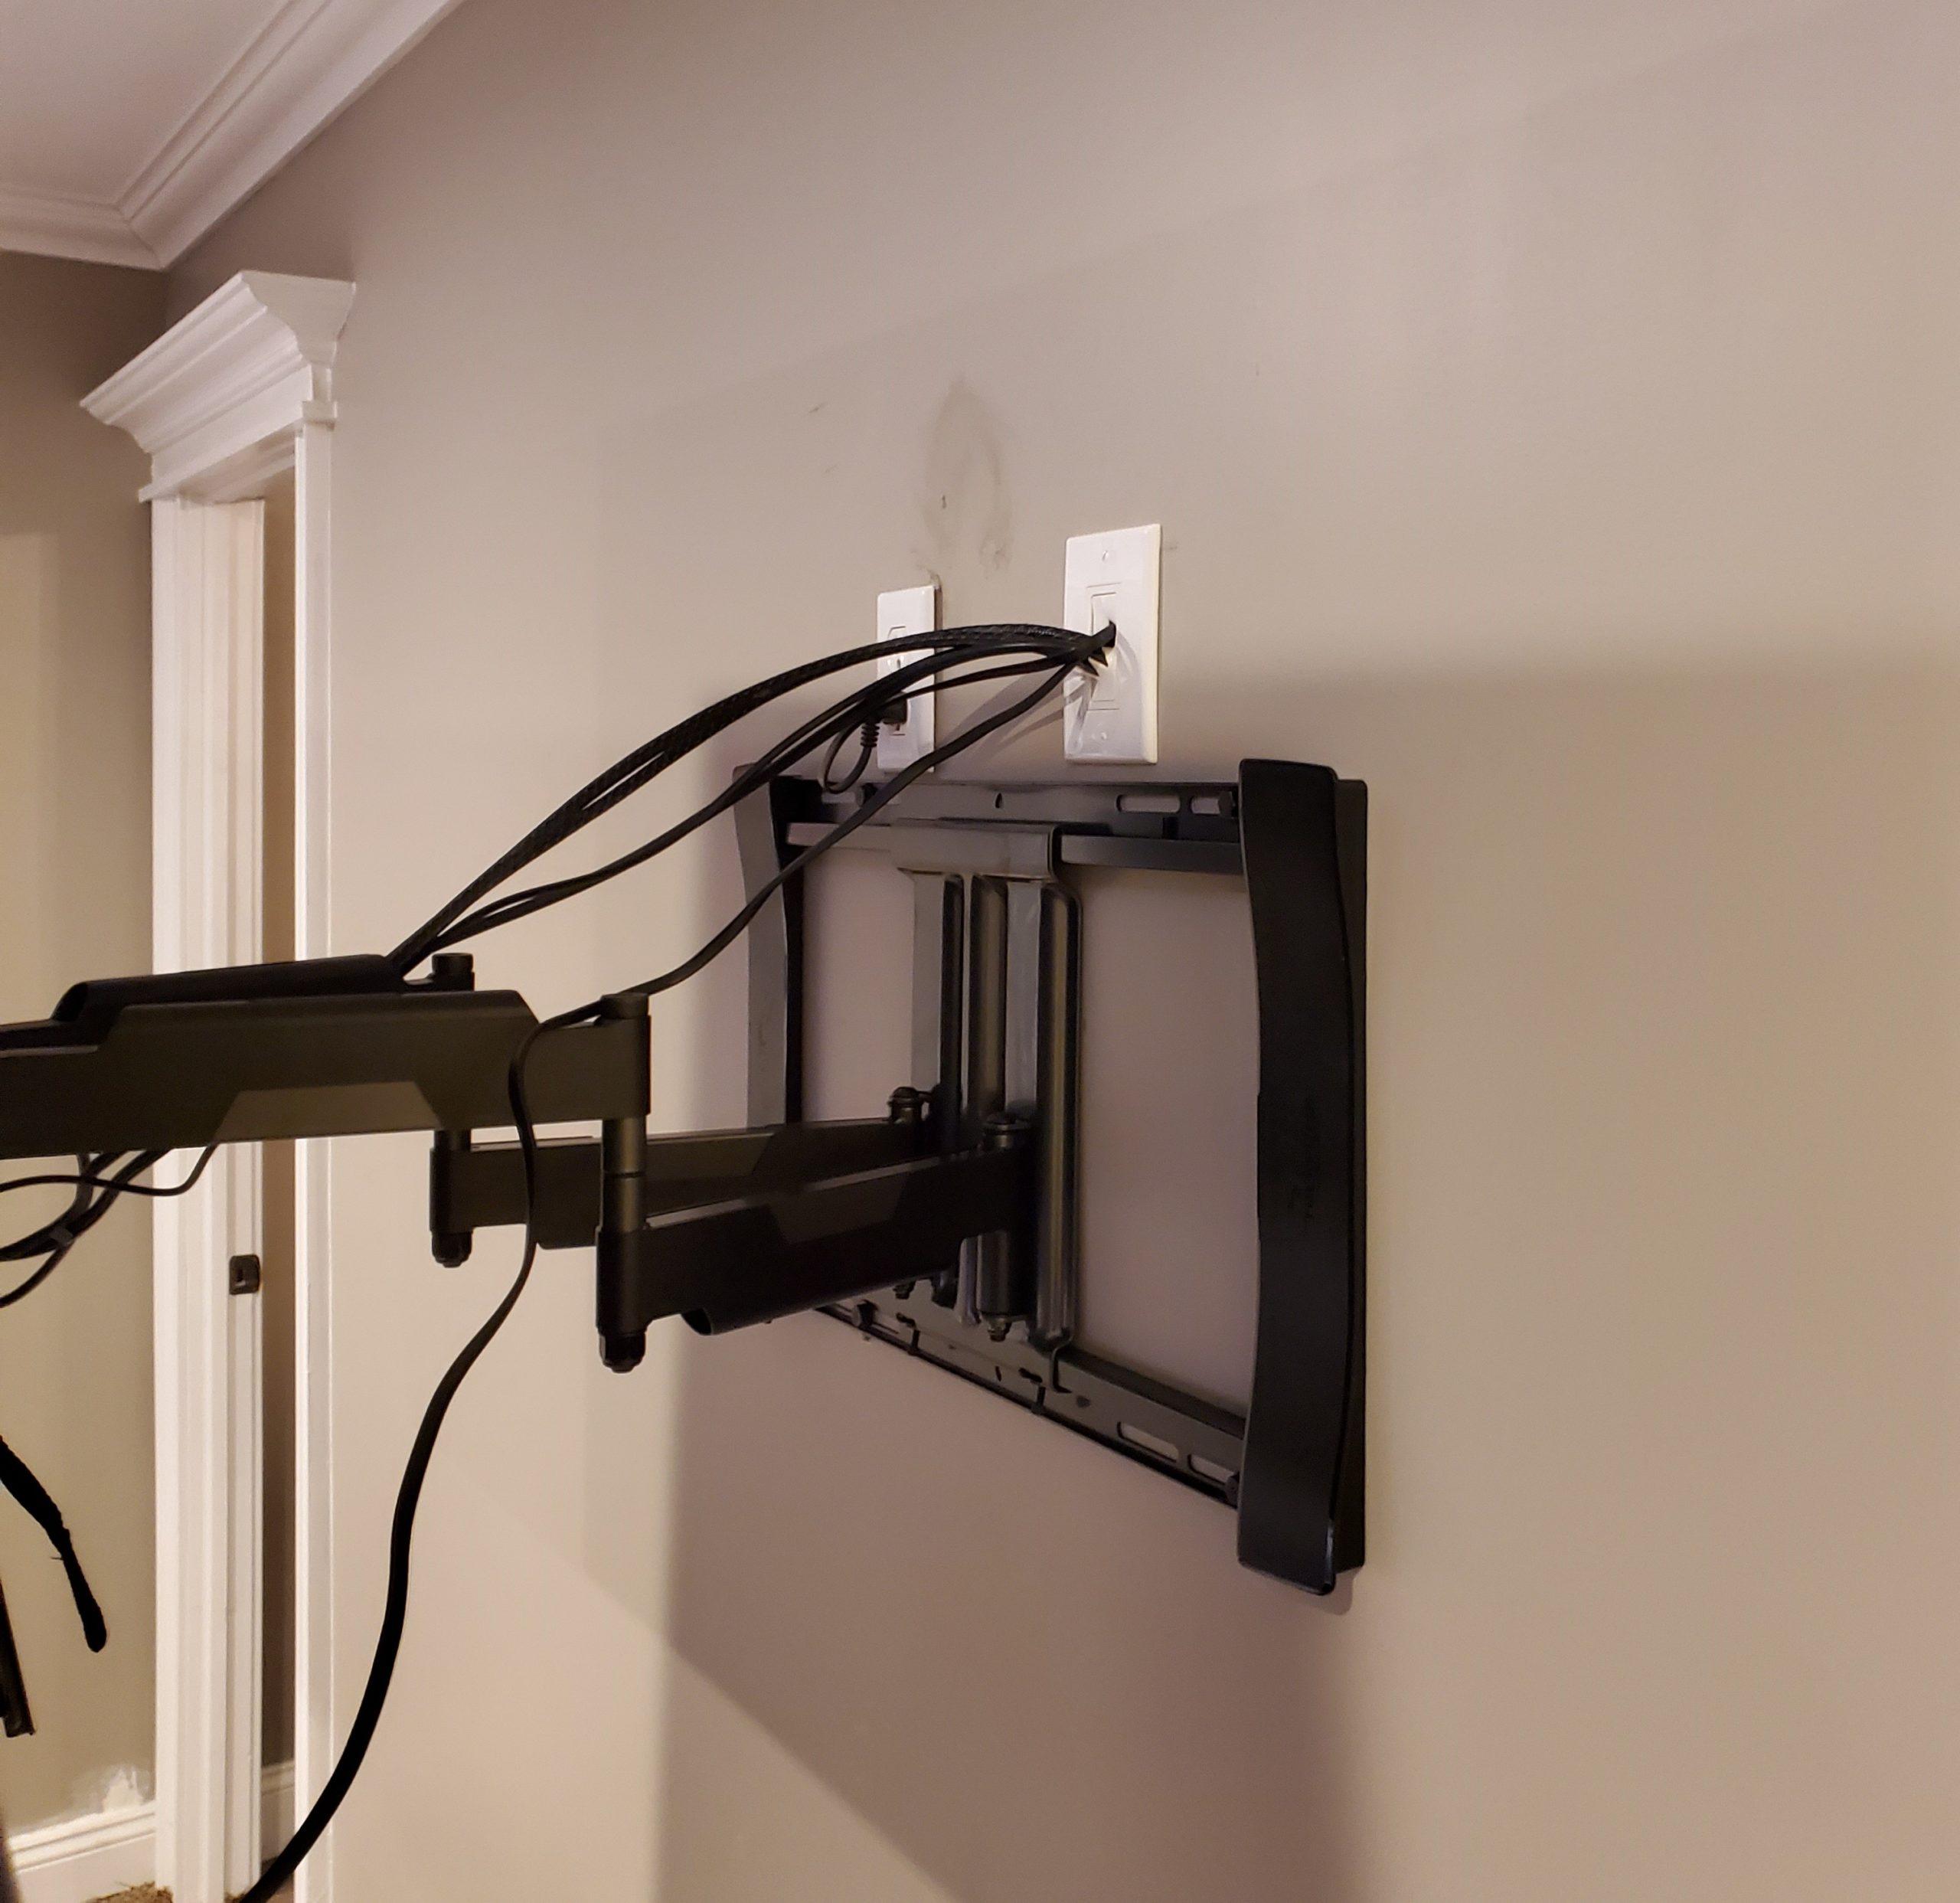 TV Mount